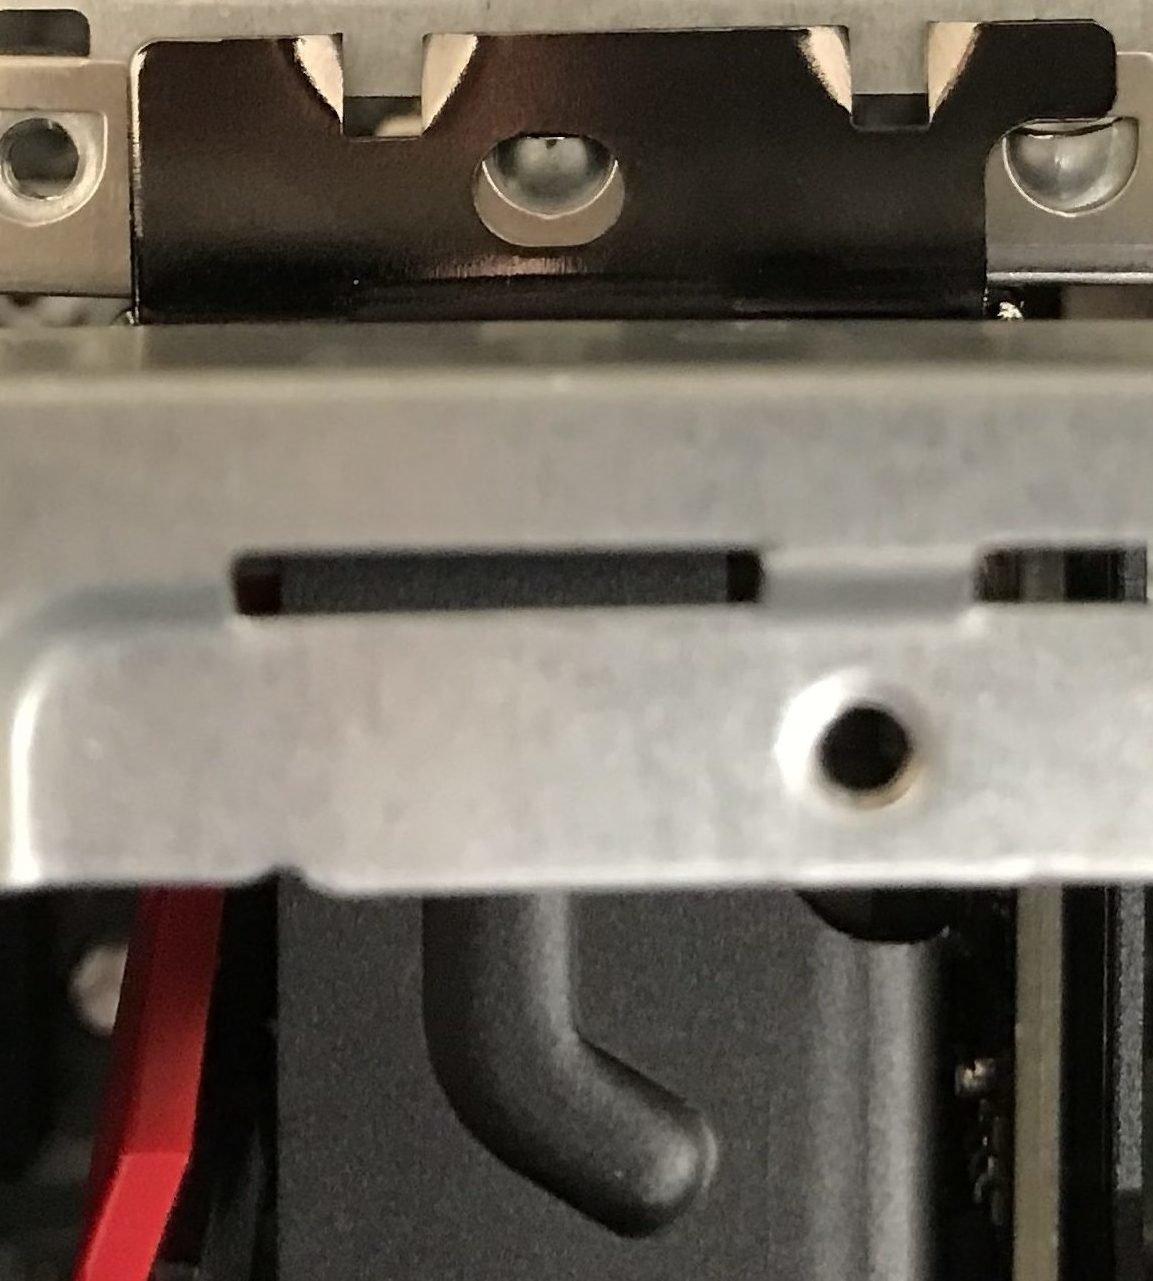 Karta graficzna do kopania Ethereum powinna być stabilnie zamontowana. Przytwierdź kartę do obudowy za pomocą metalowej wypustki.